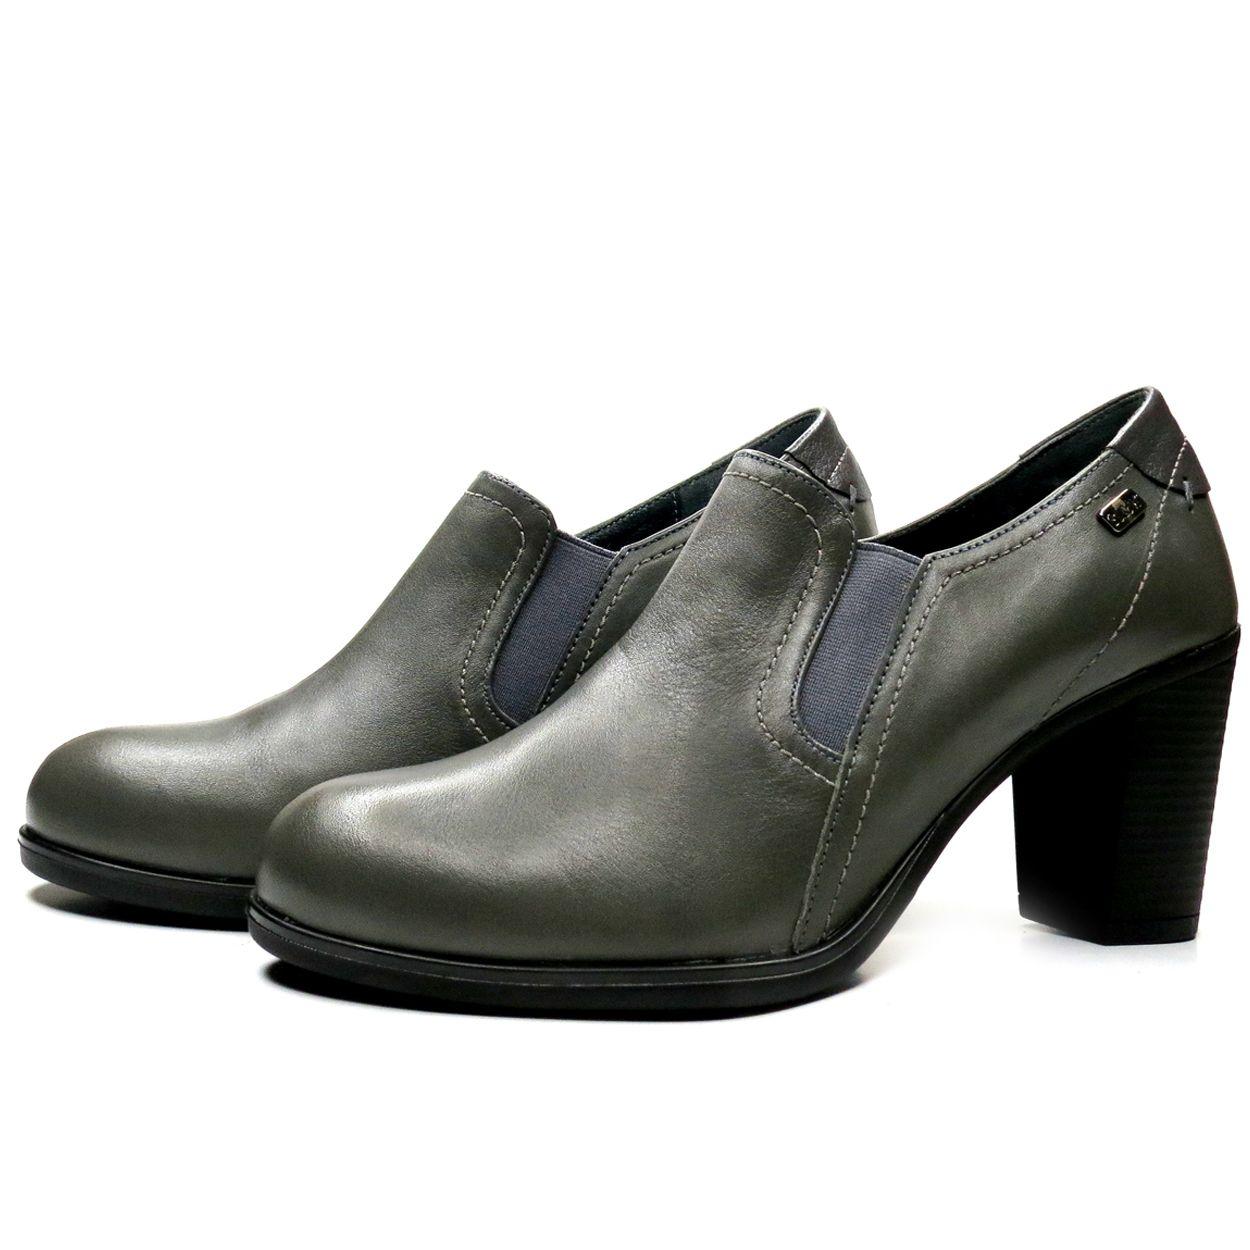 کفش زنانه آر اند دبلیو مدل 487 رنگ طوسی -  - 7